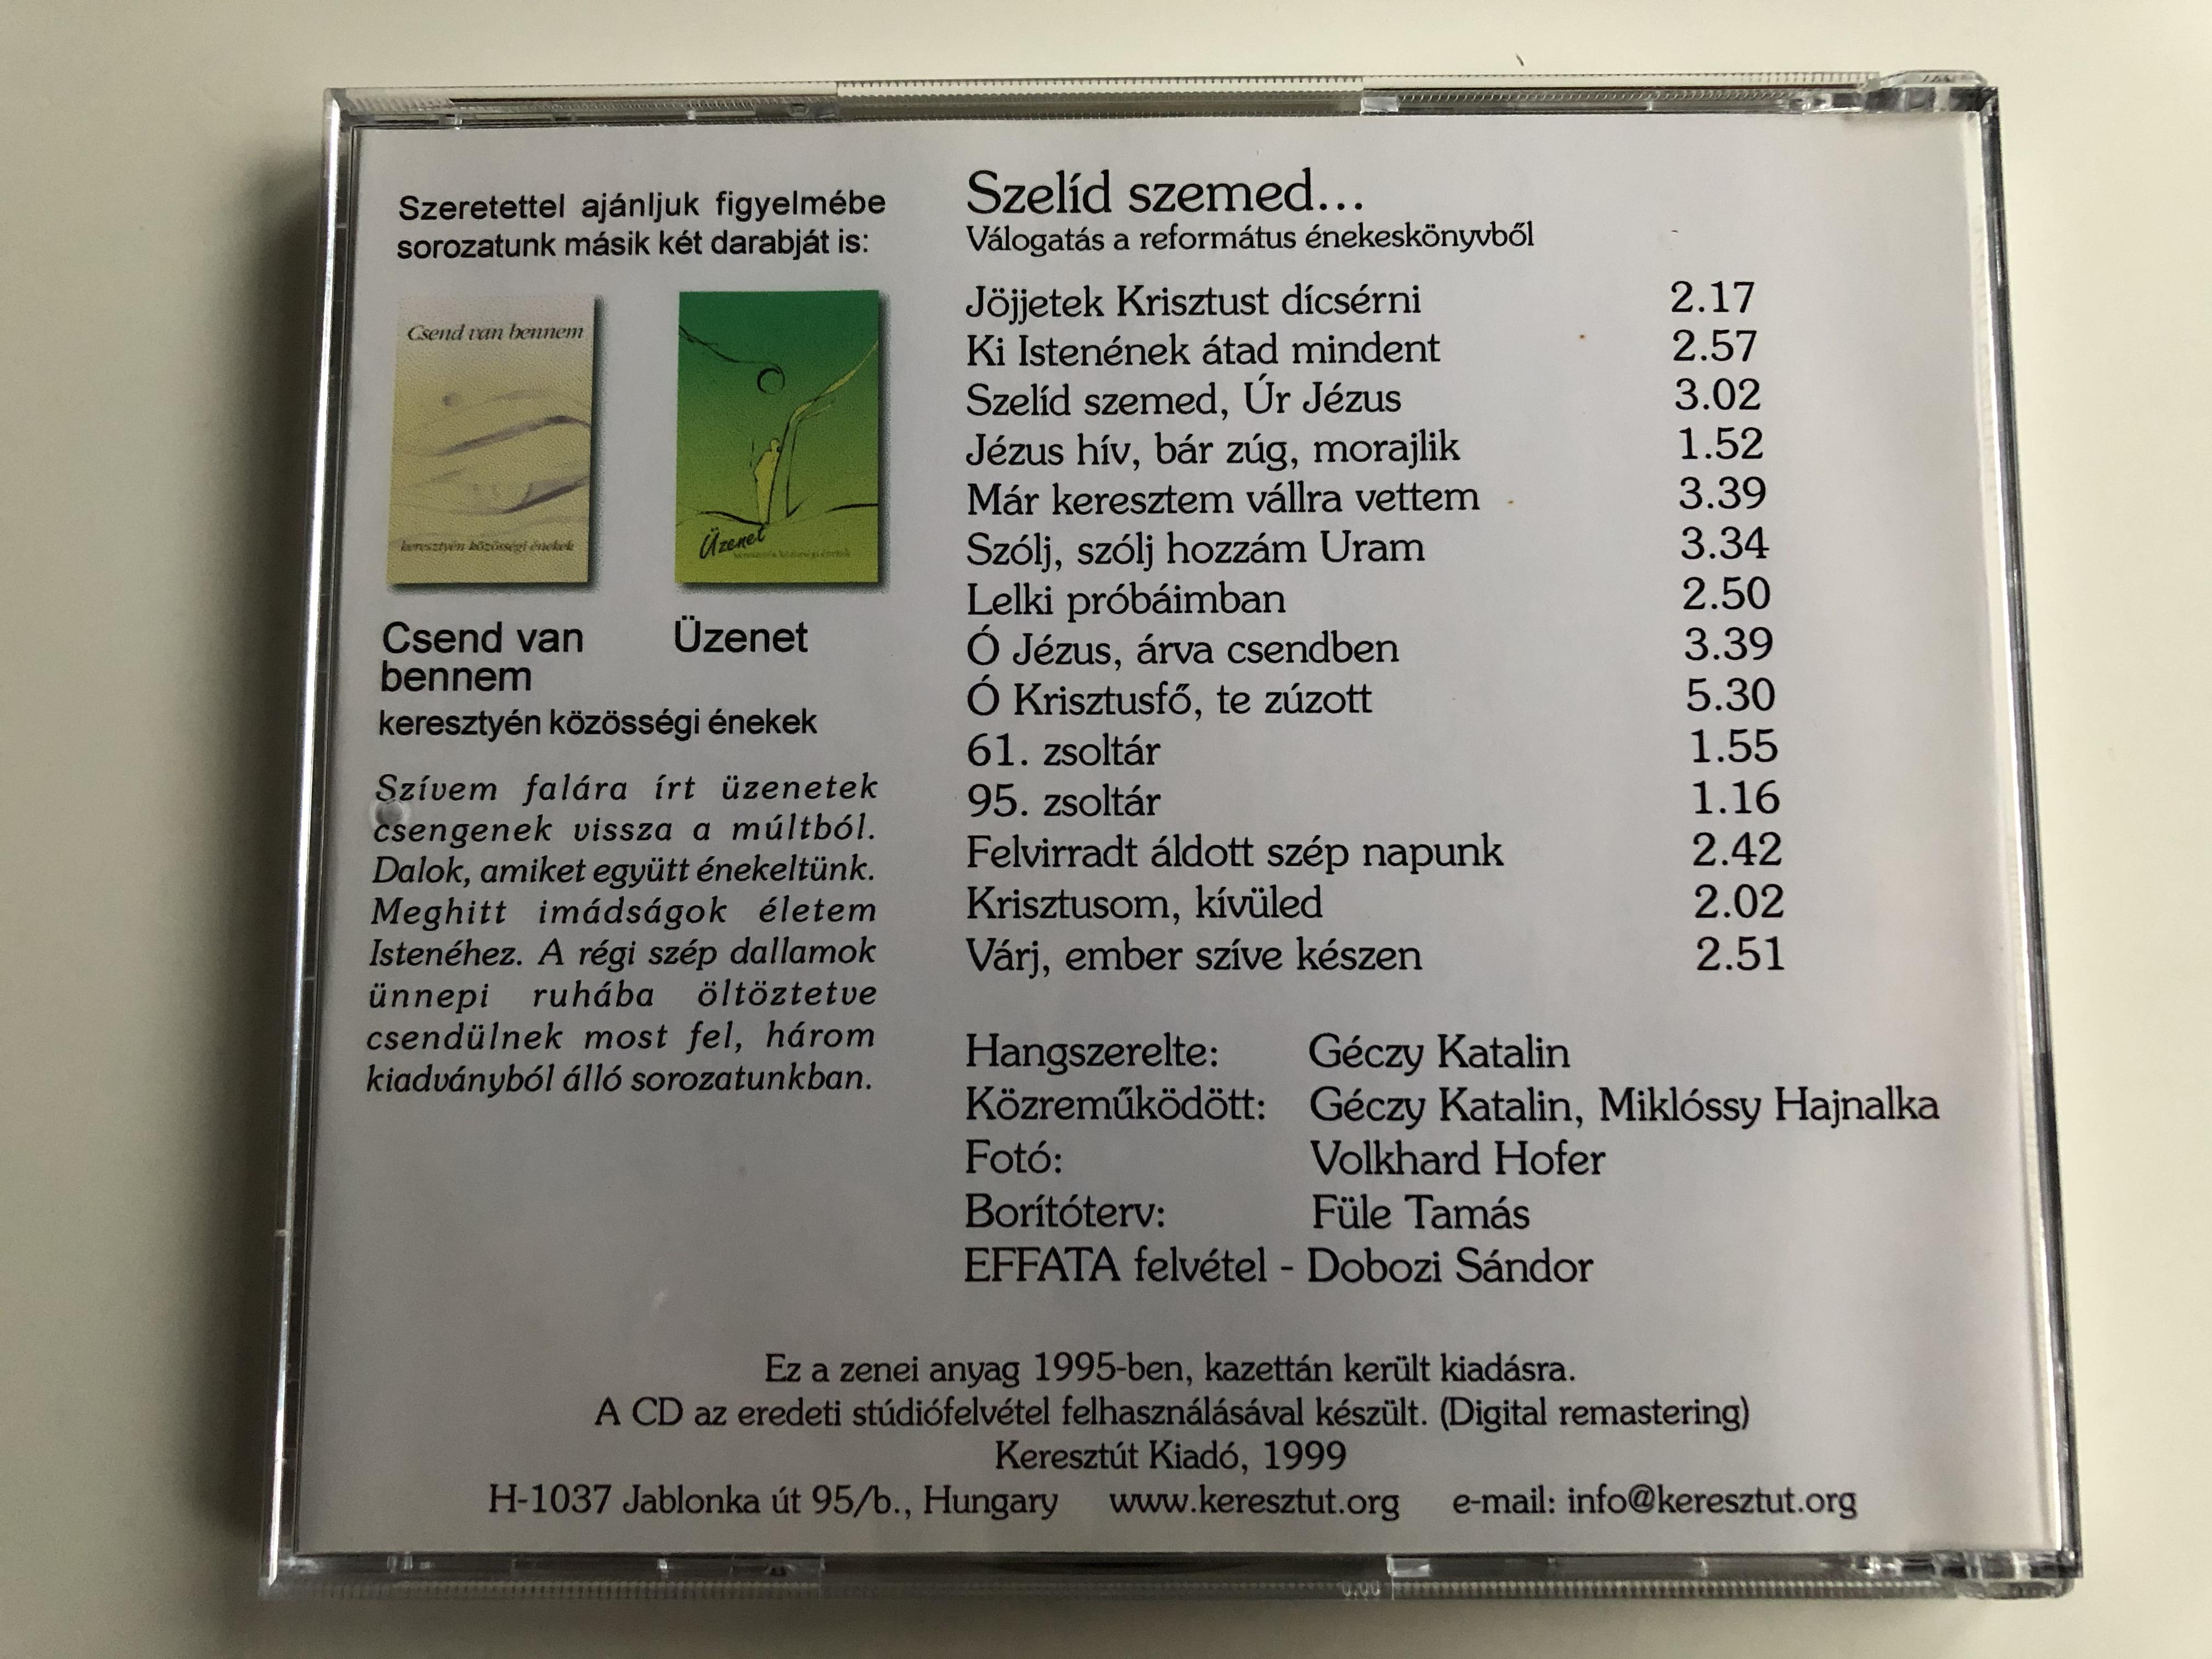 szelid-szemed...-keresztut-kiado-audio-cd-1999-3-.jpg